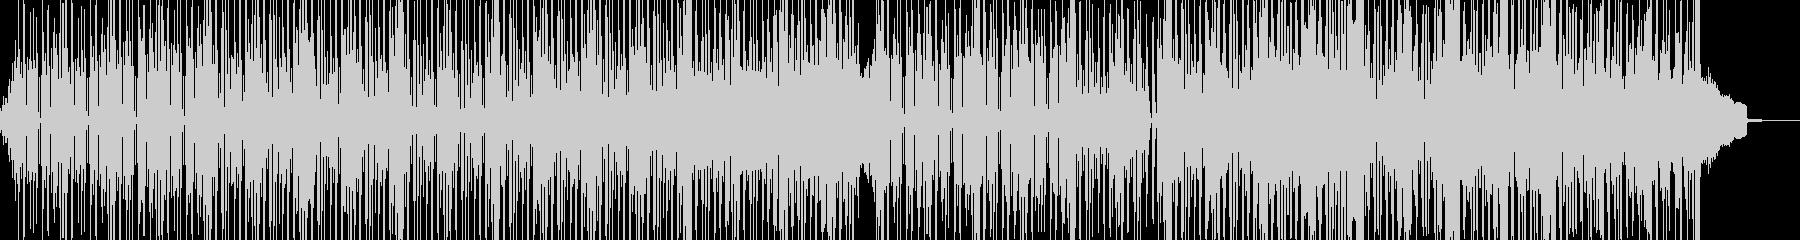 夏バテ(×ω×)無気力ポップ 裏拍子Aの未再生の波形